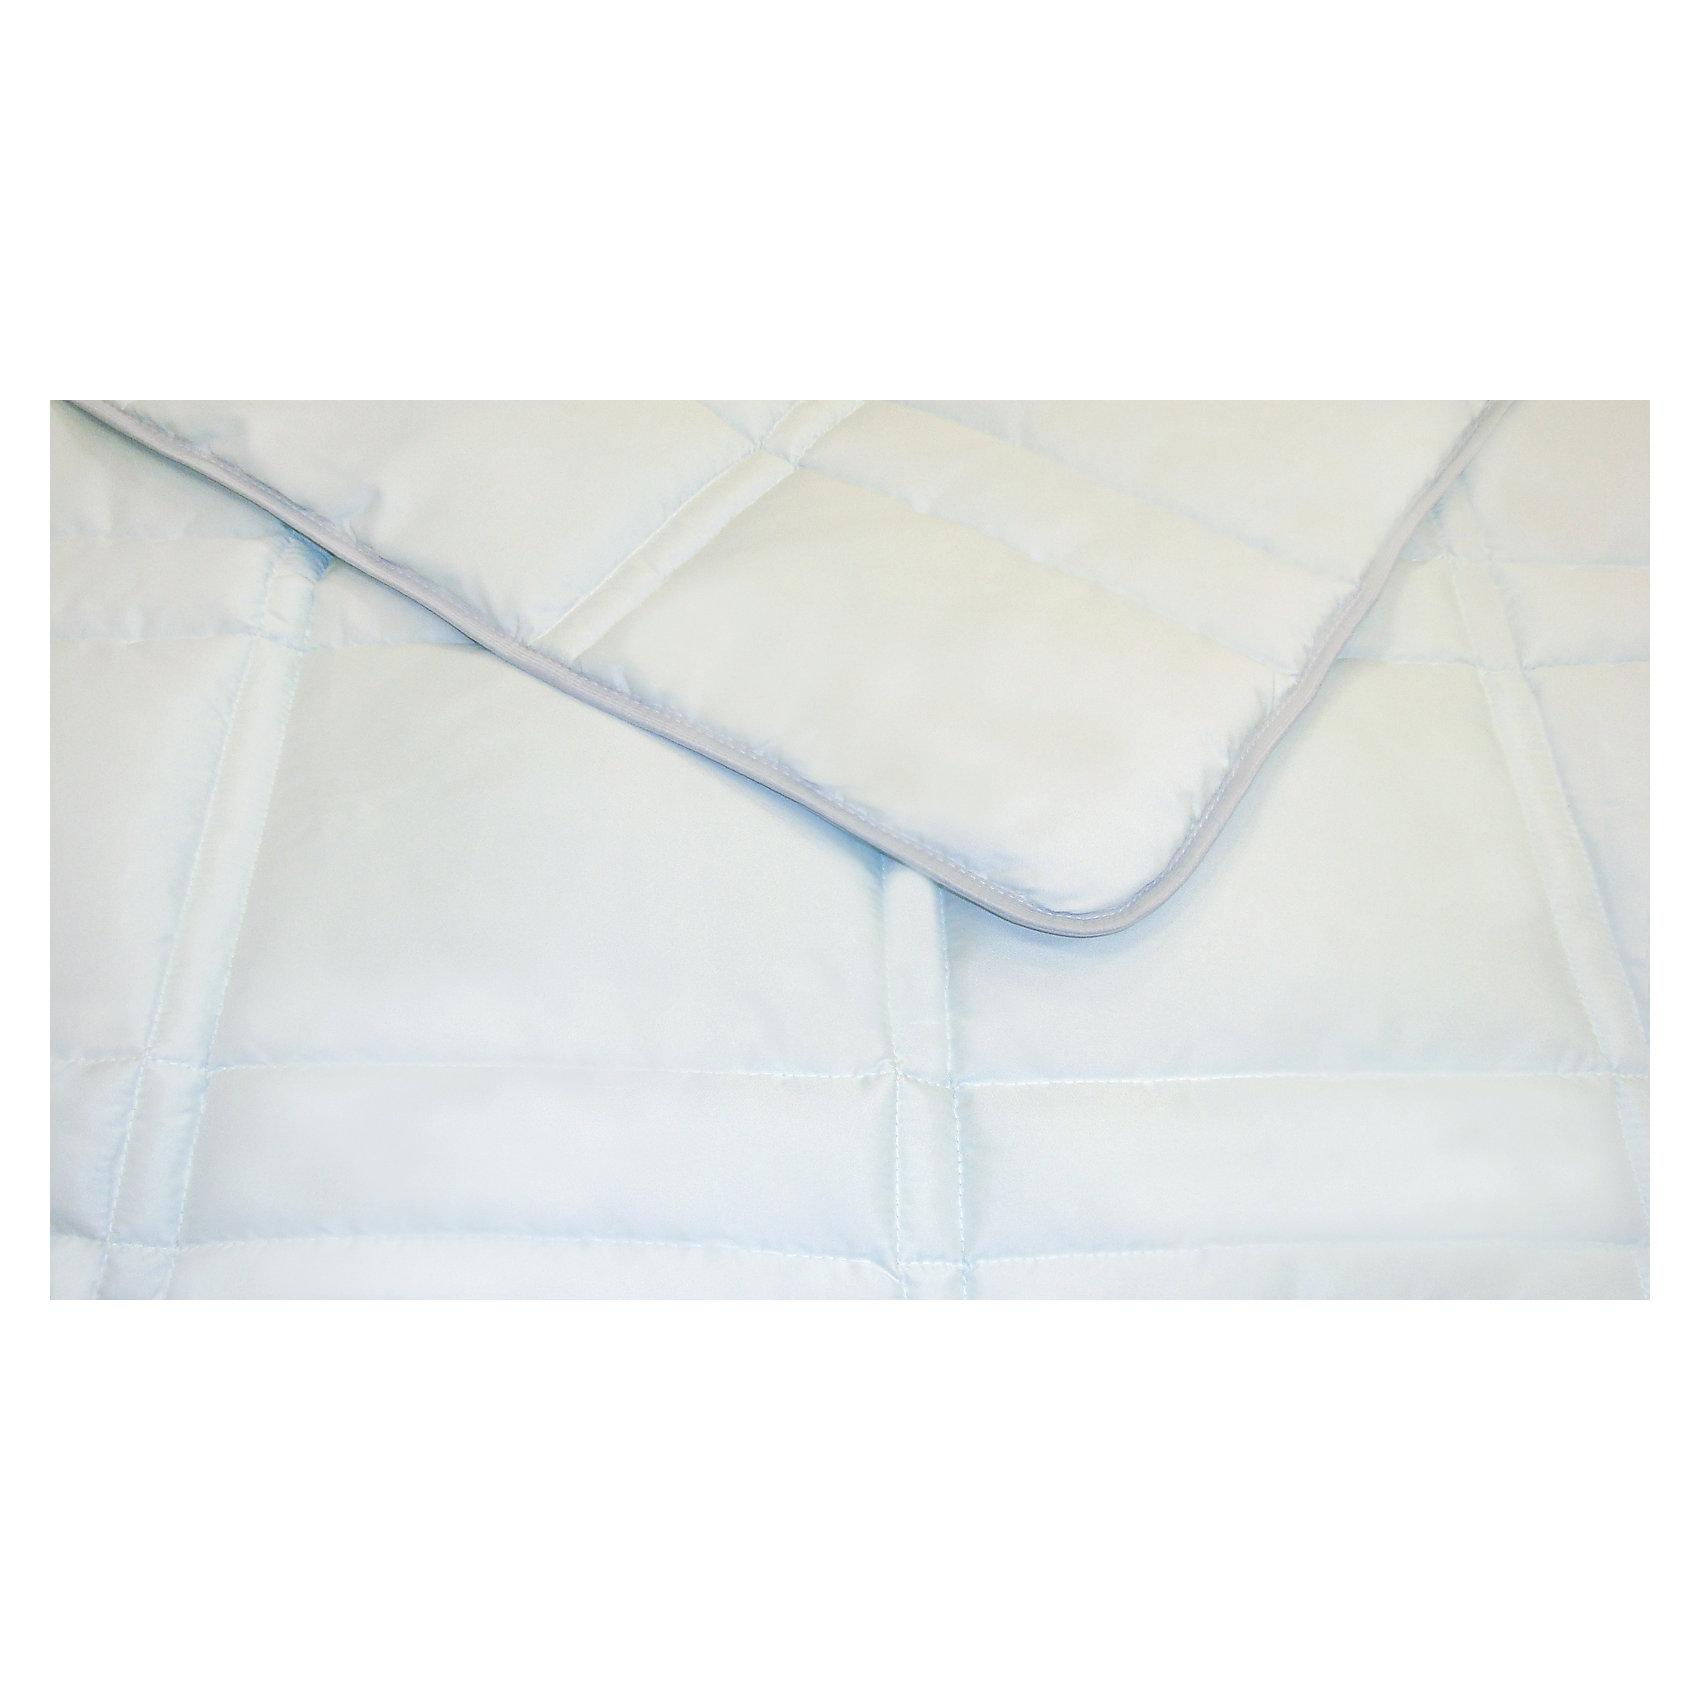 Голубое одеяло Casabel 1,5-спальное (легкое)